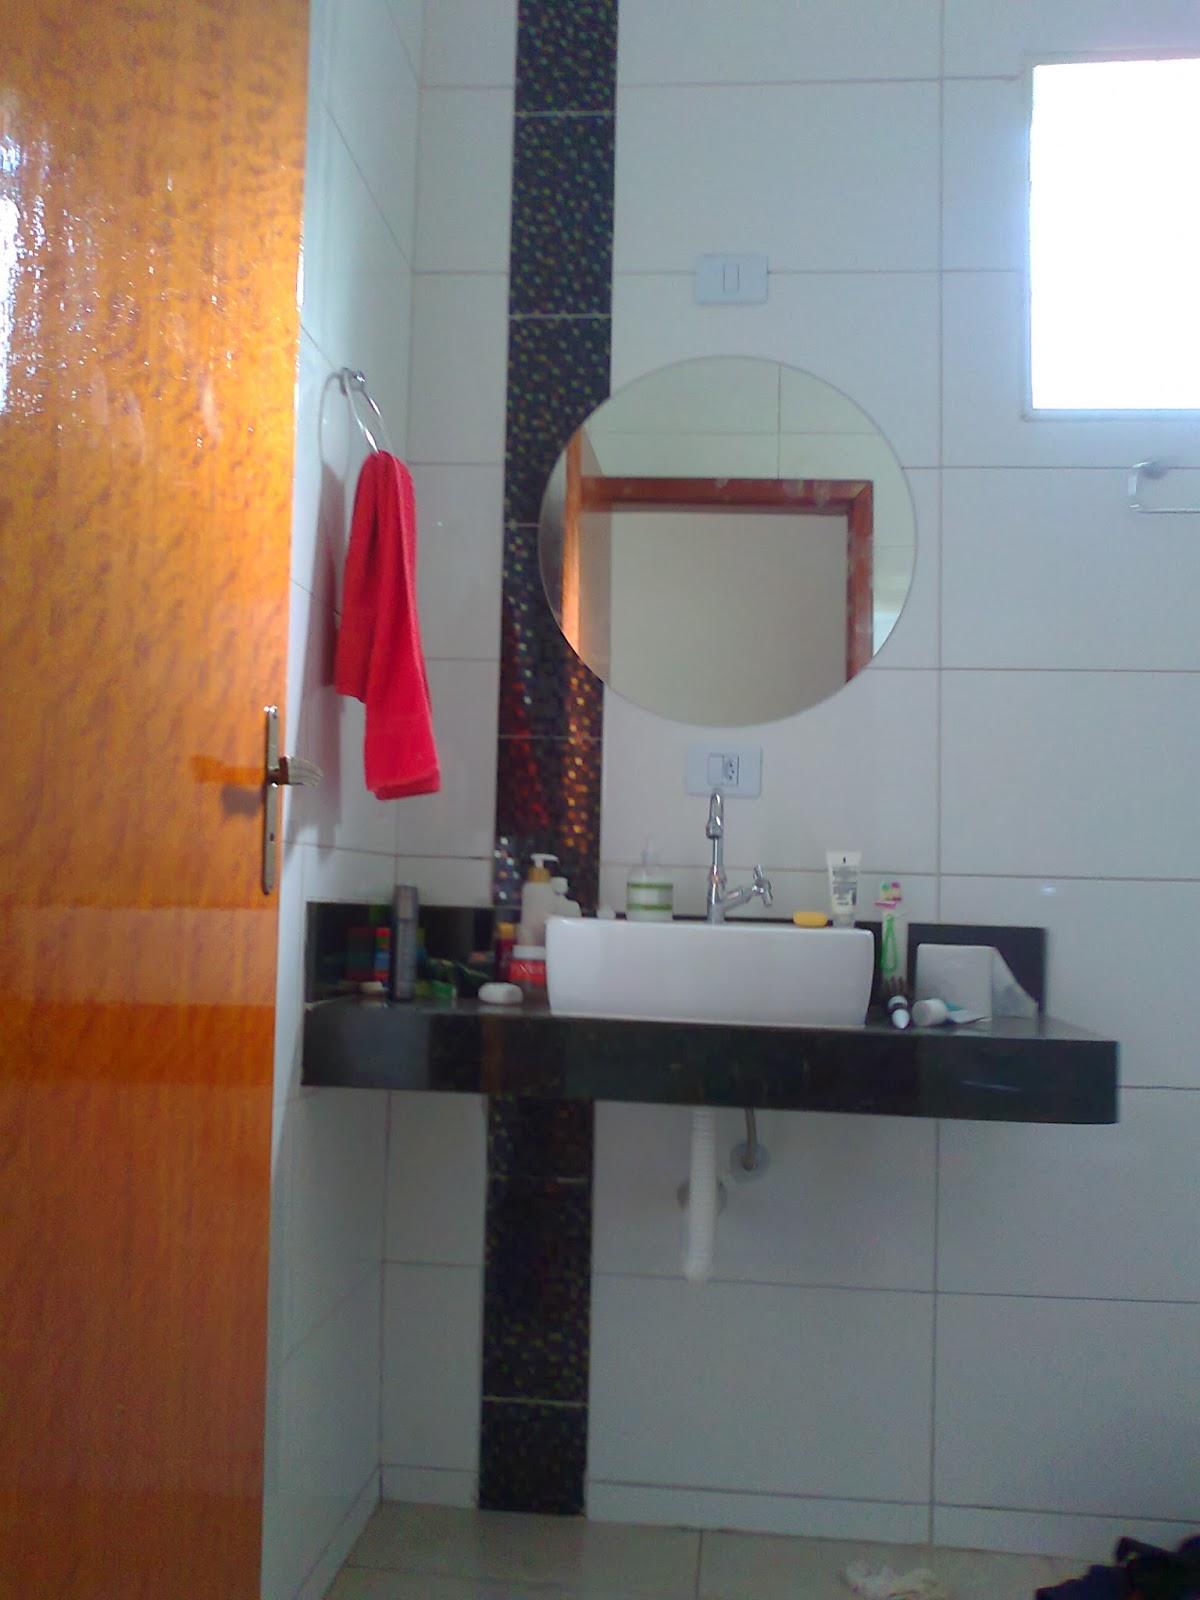 banheiro da suíte segue a mesma ideia do anterior diferenciando  #773820 1200 1600